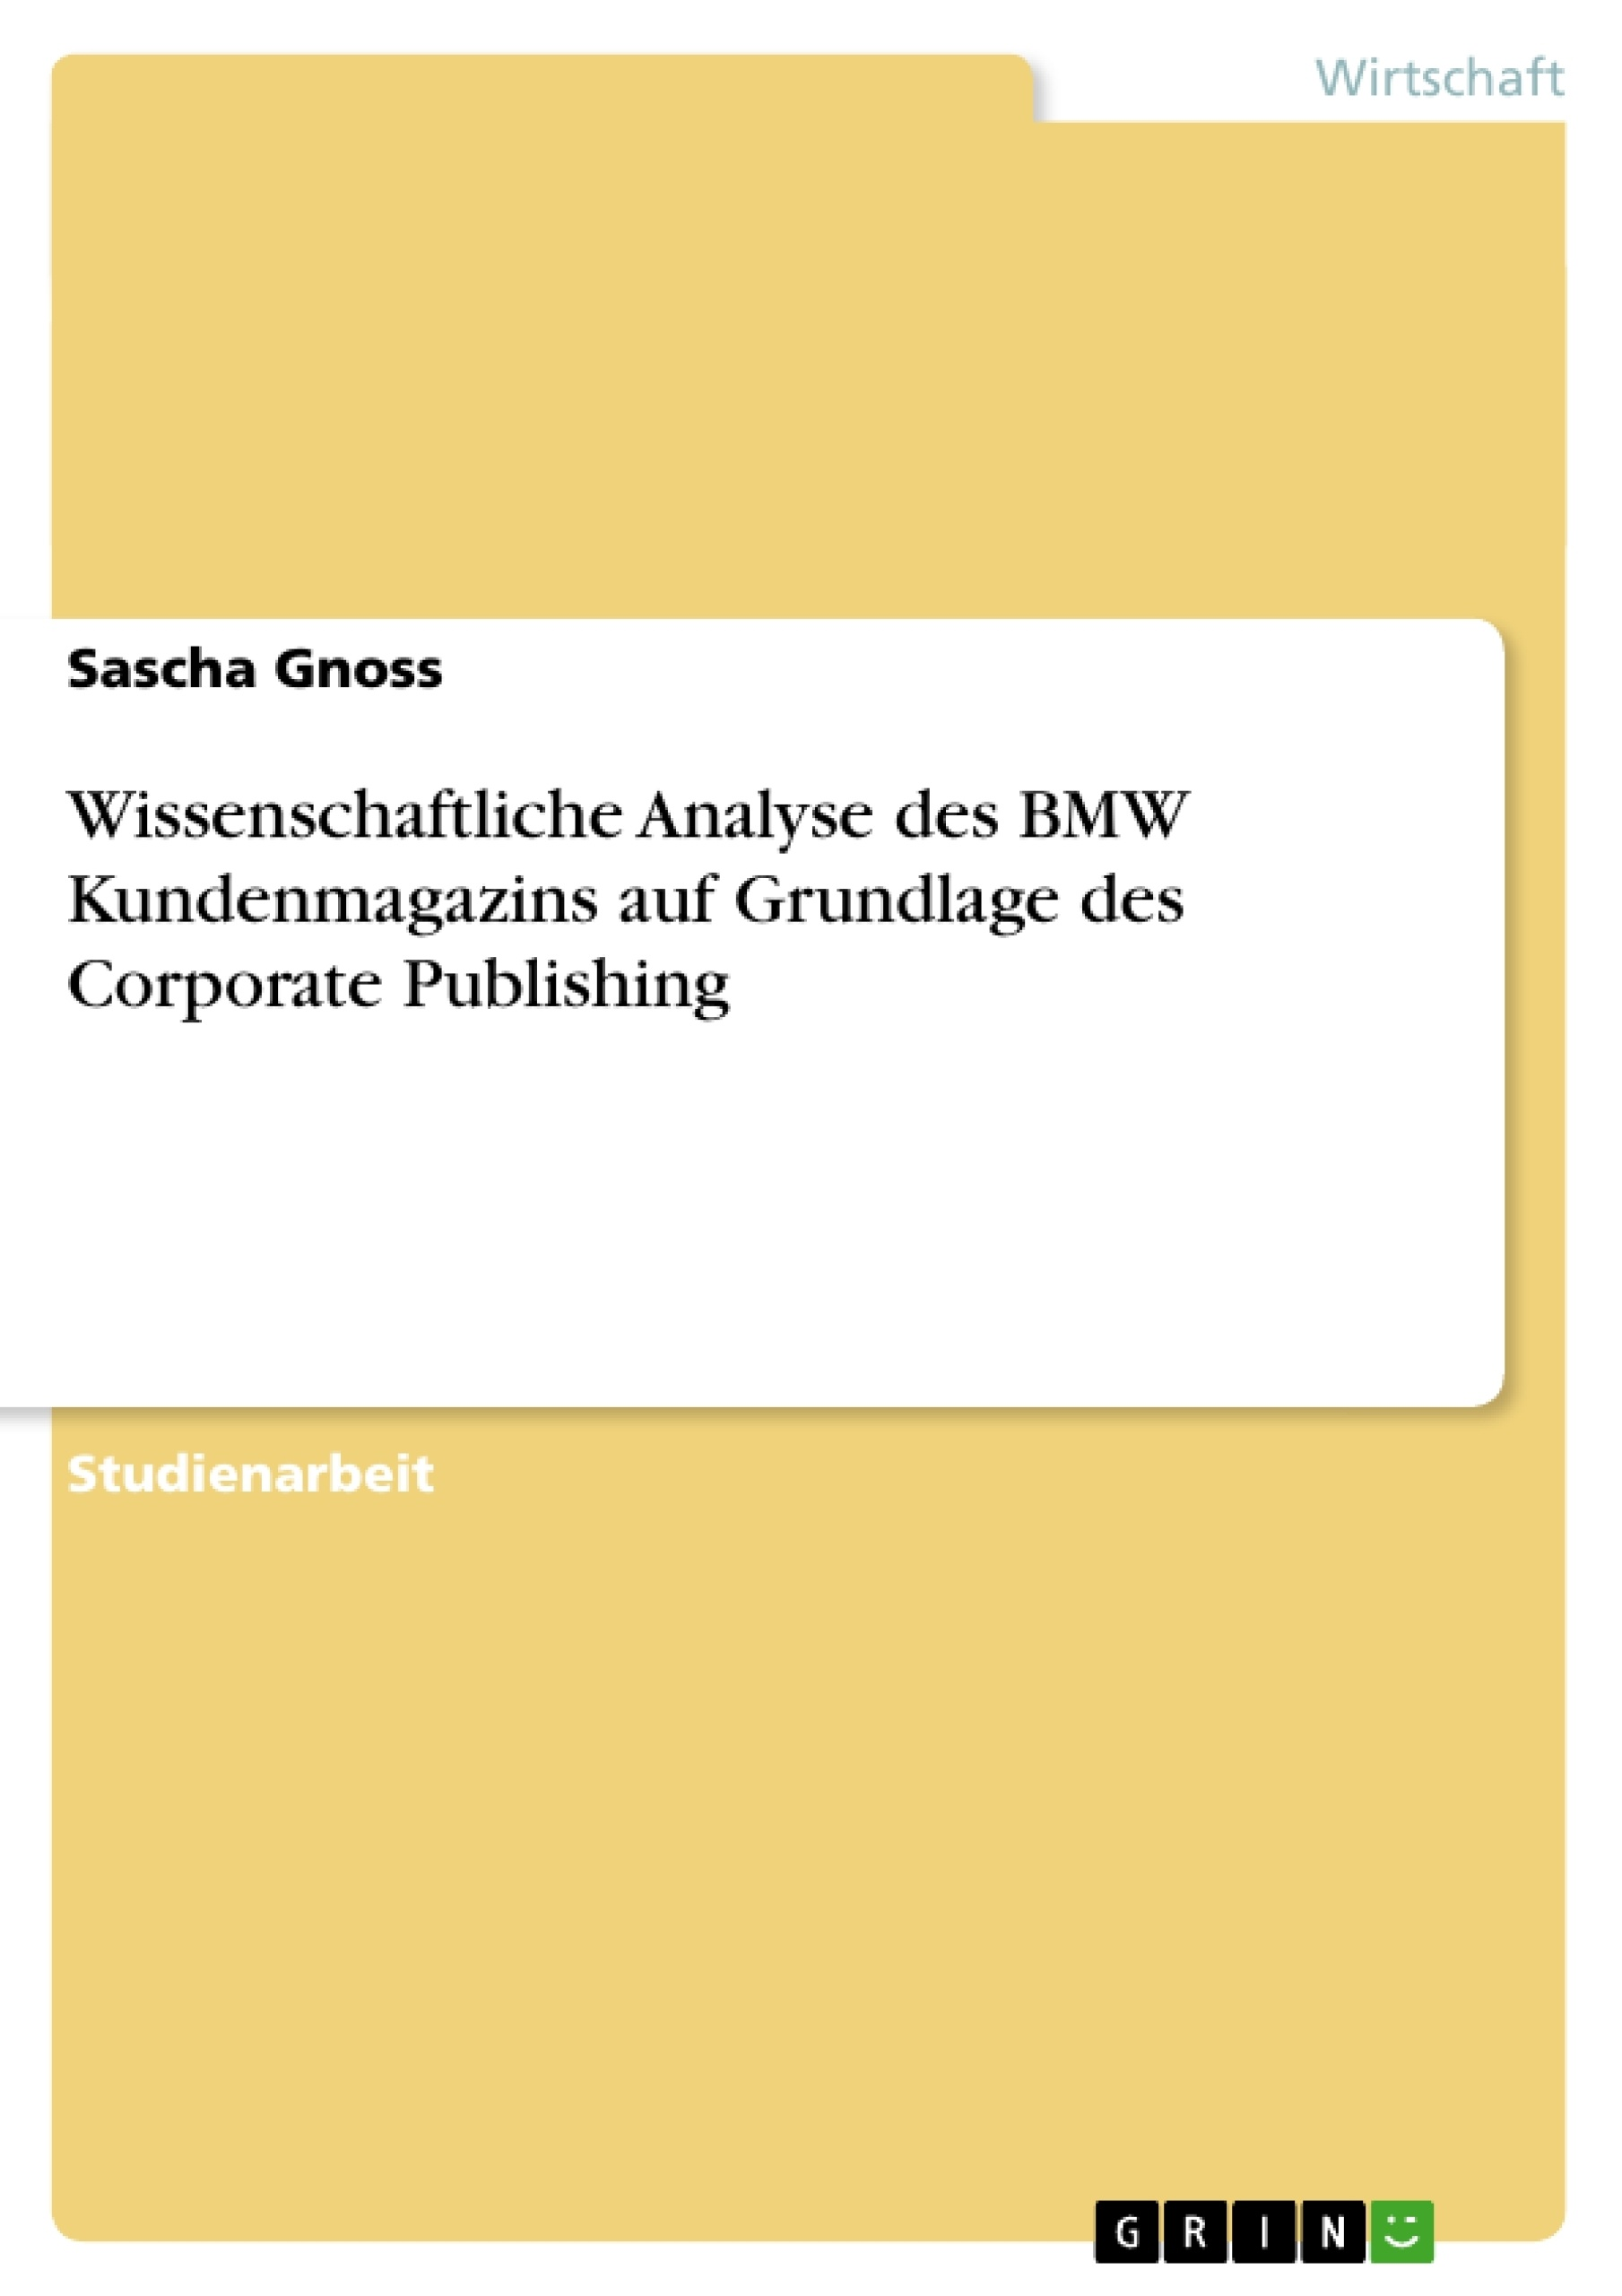 Titel: Wissenschaftliche Analyse des BMW Kundenmagazins auf Grundlage des Corporate Publishing